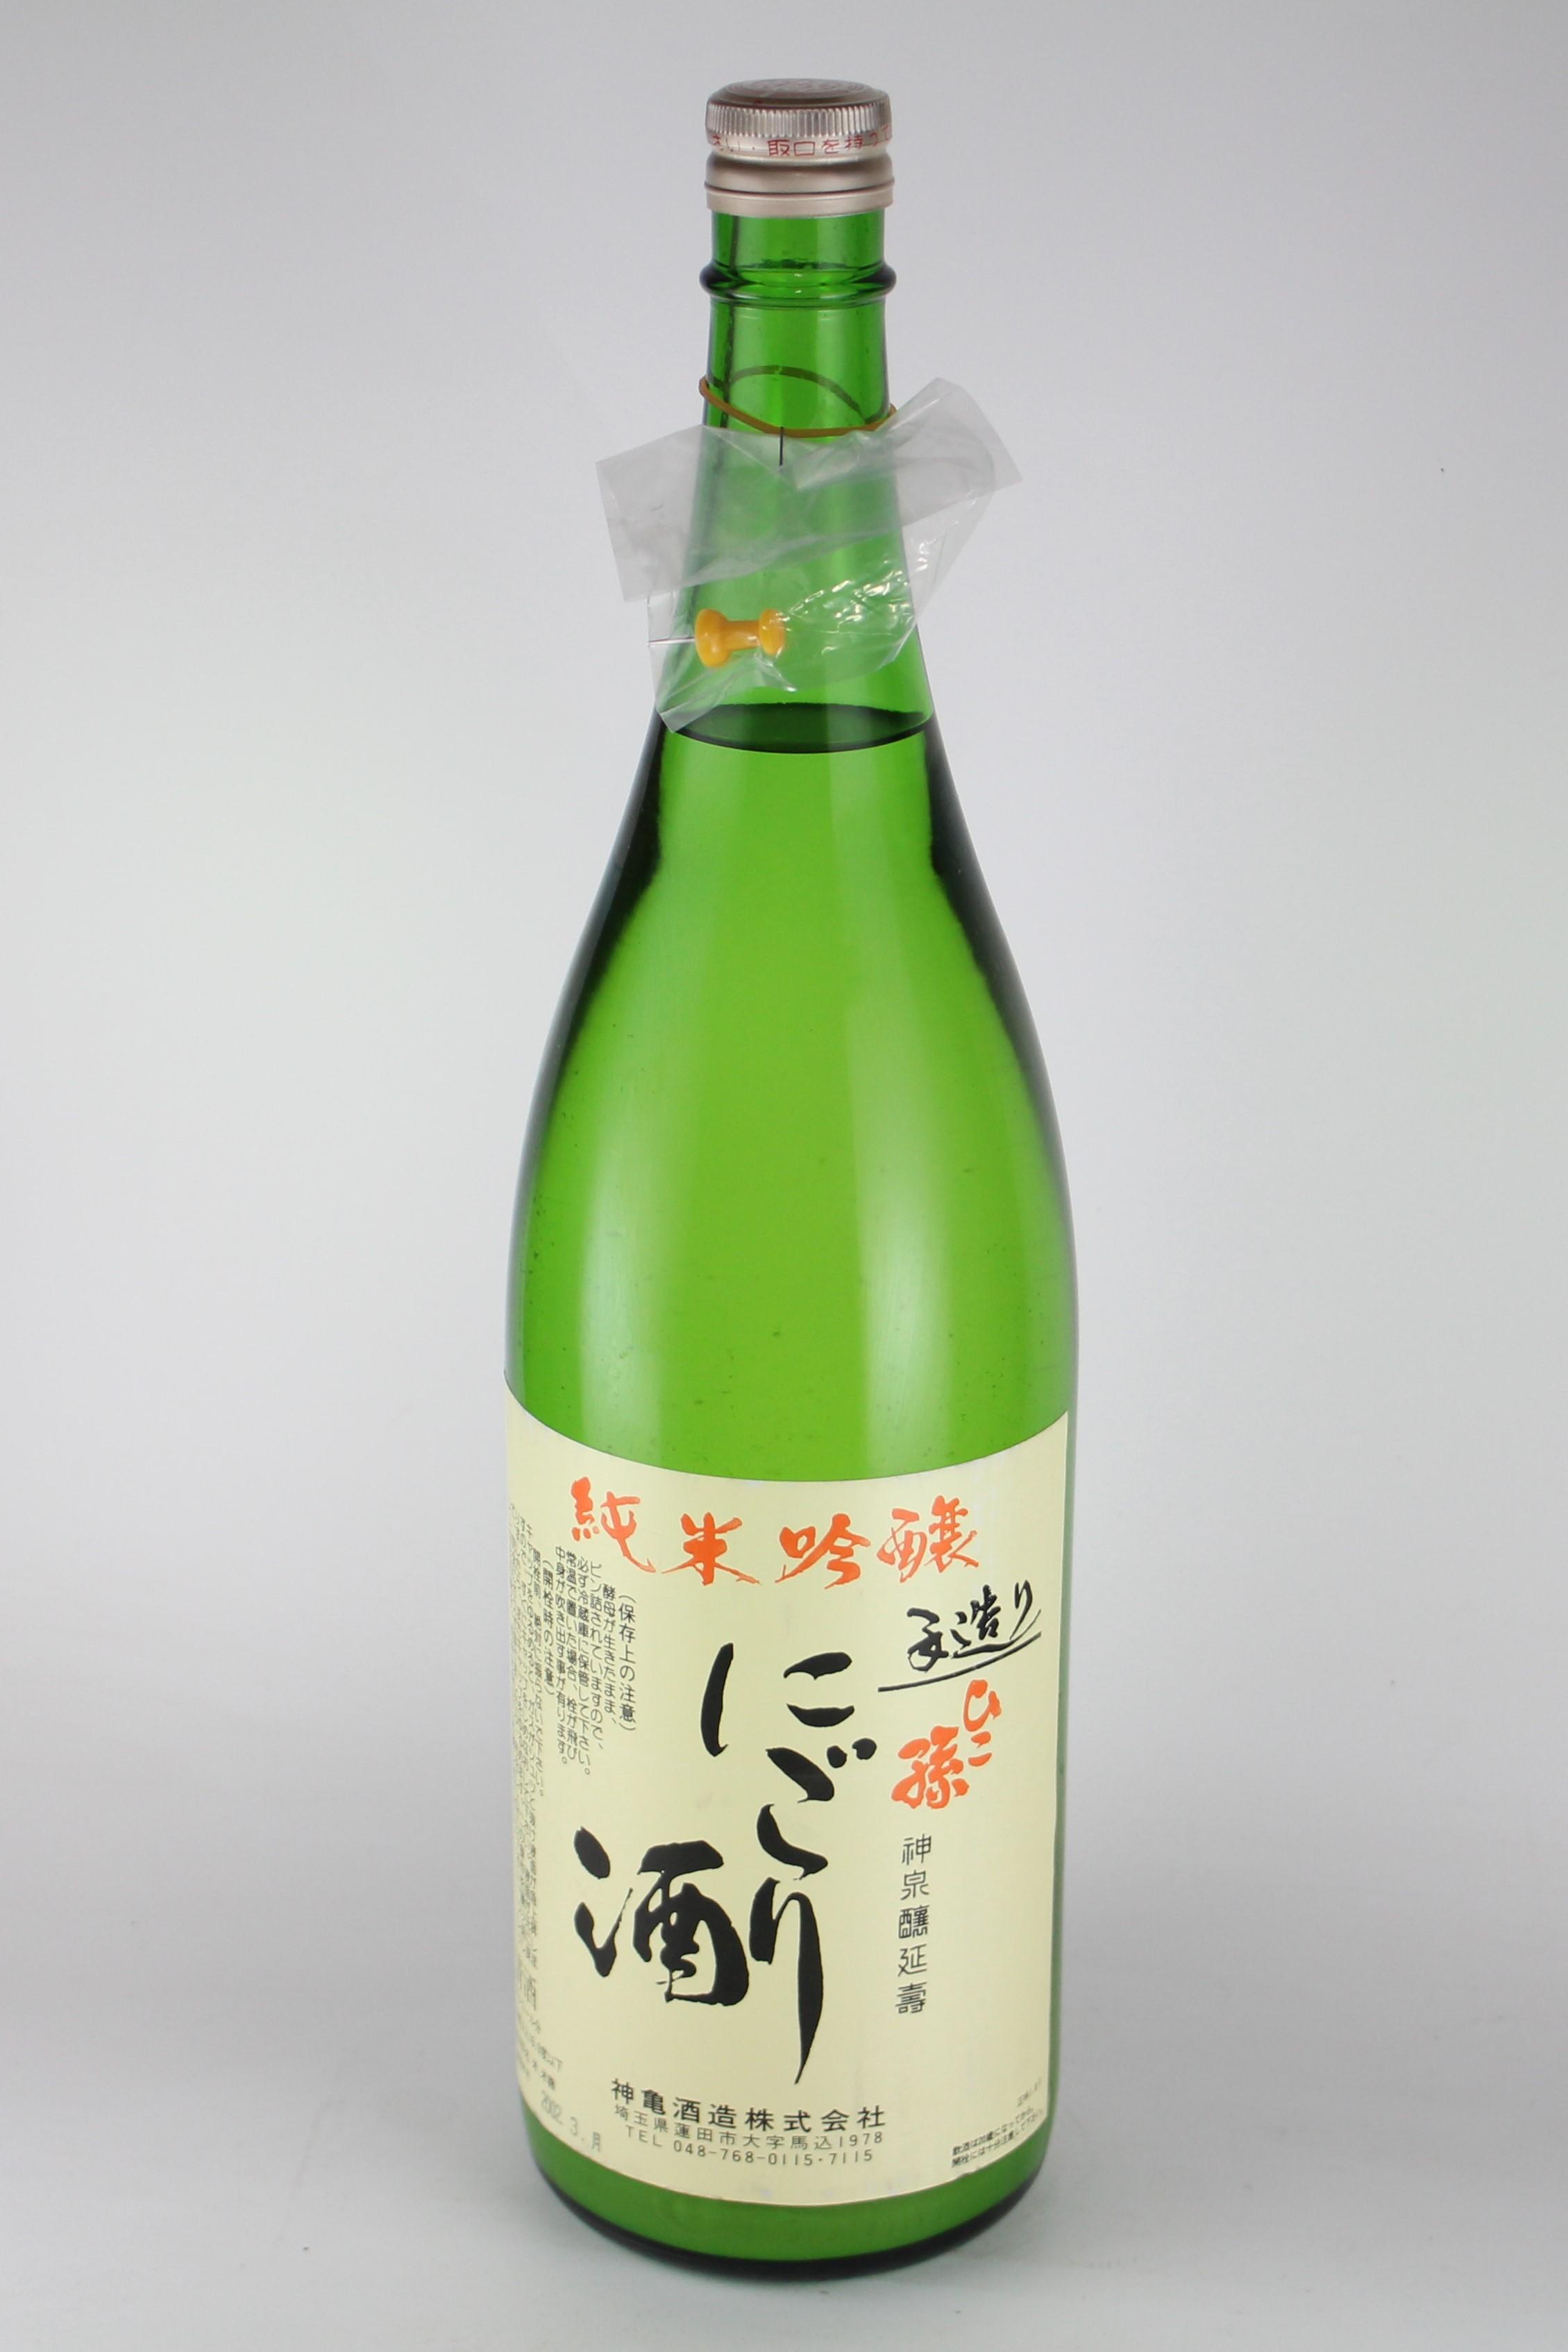 ひこ孫 純米吟醸 活性にごり 1800ml 【埼玉/神亀酒造】2001醸造年度/開栓注意!